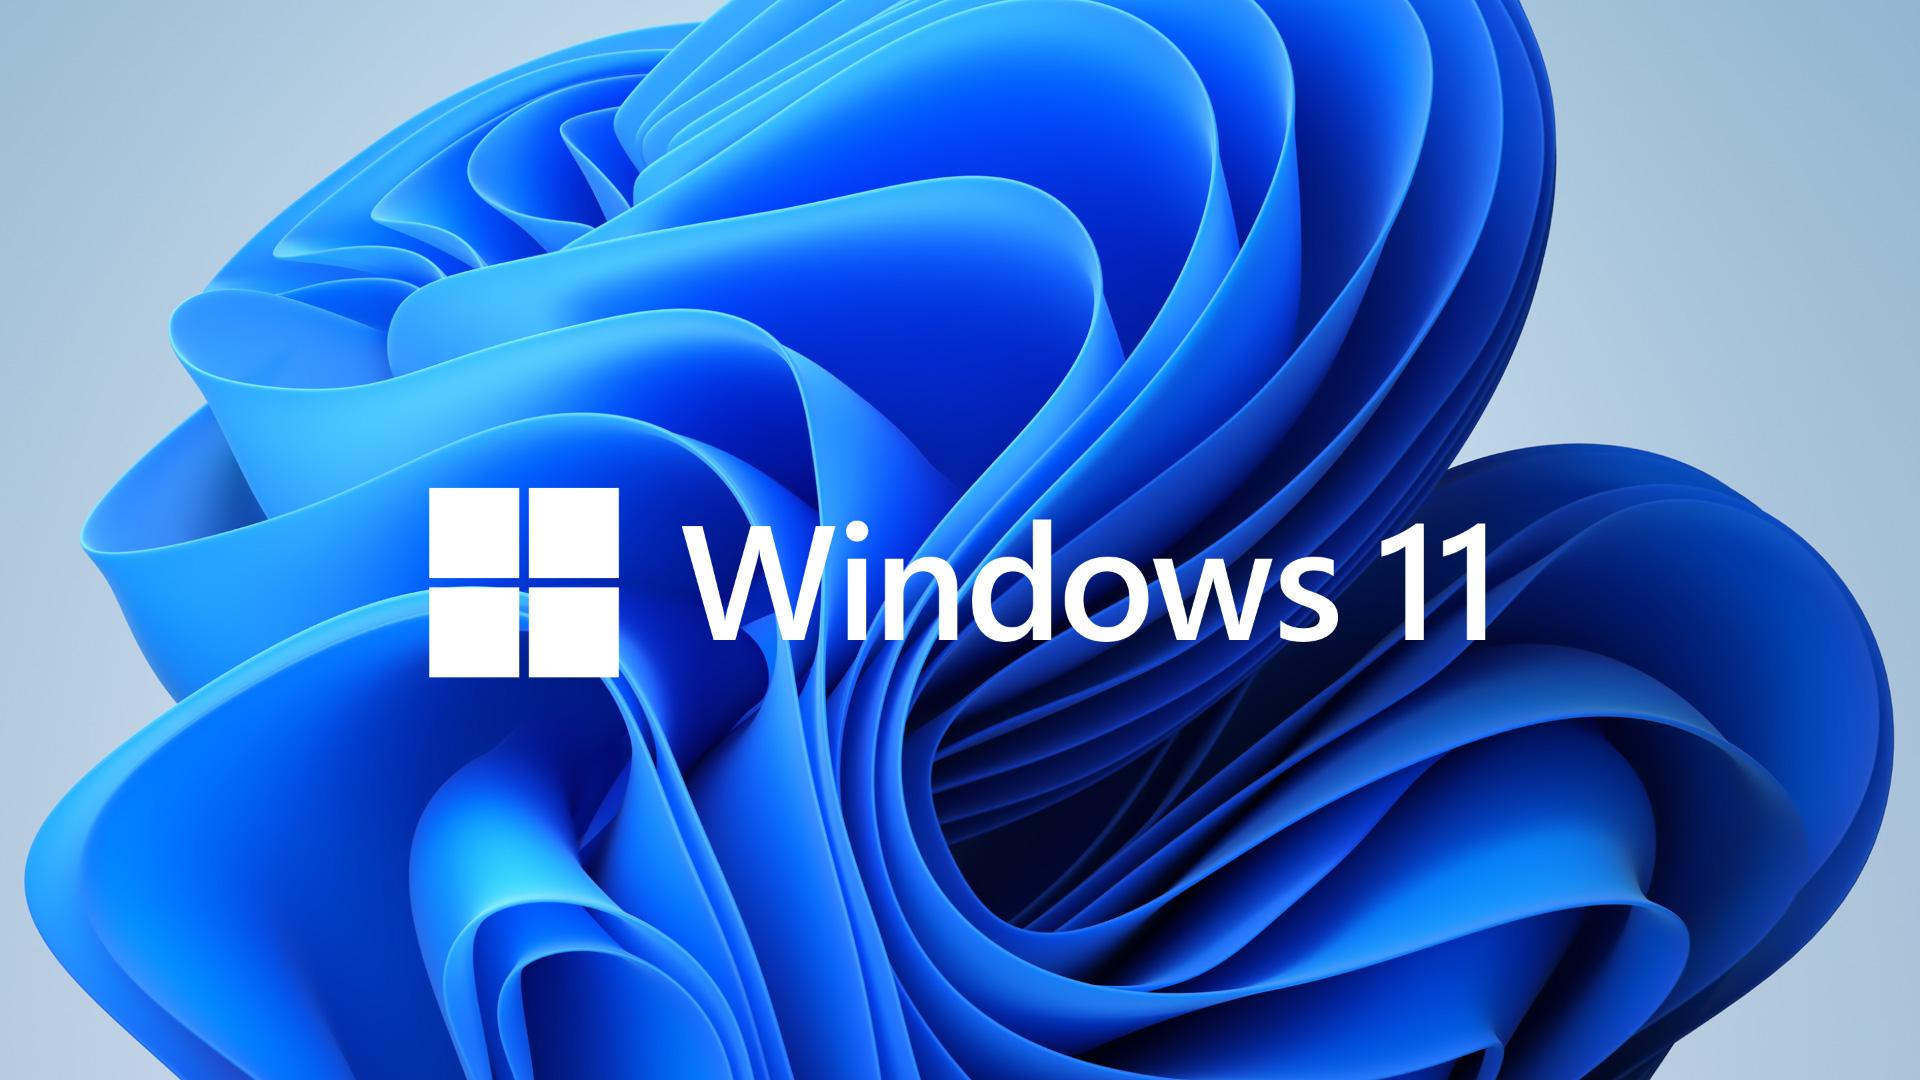 Windows 11 標誌和裝飾背景